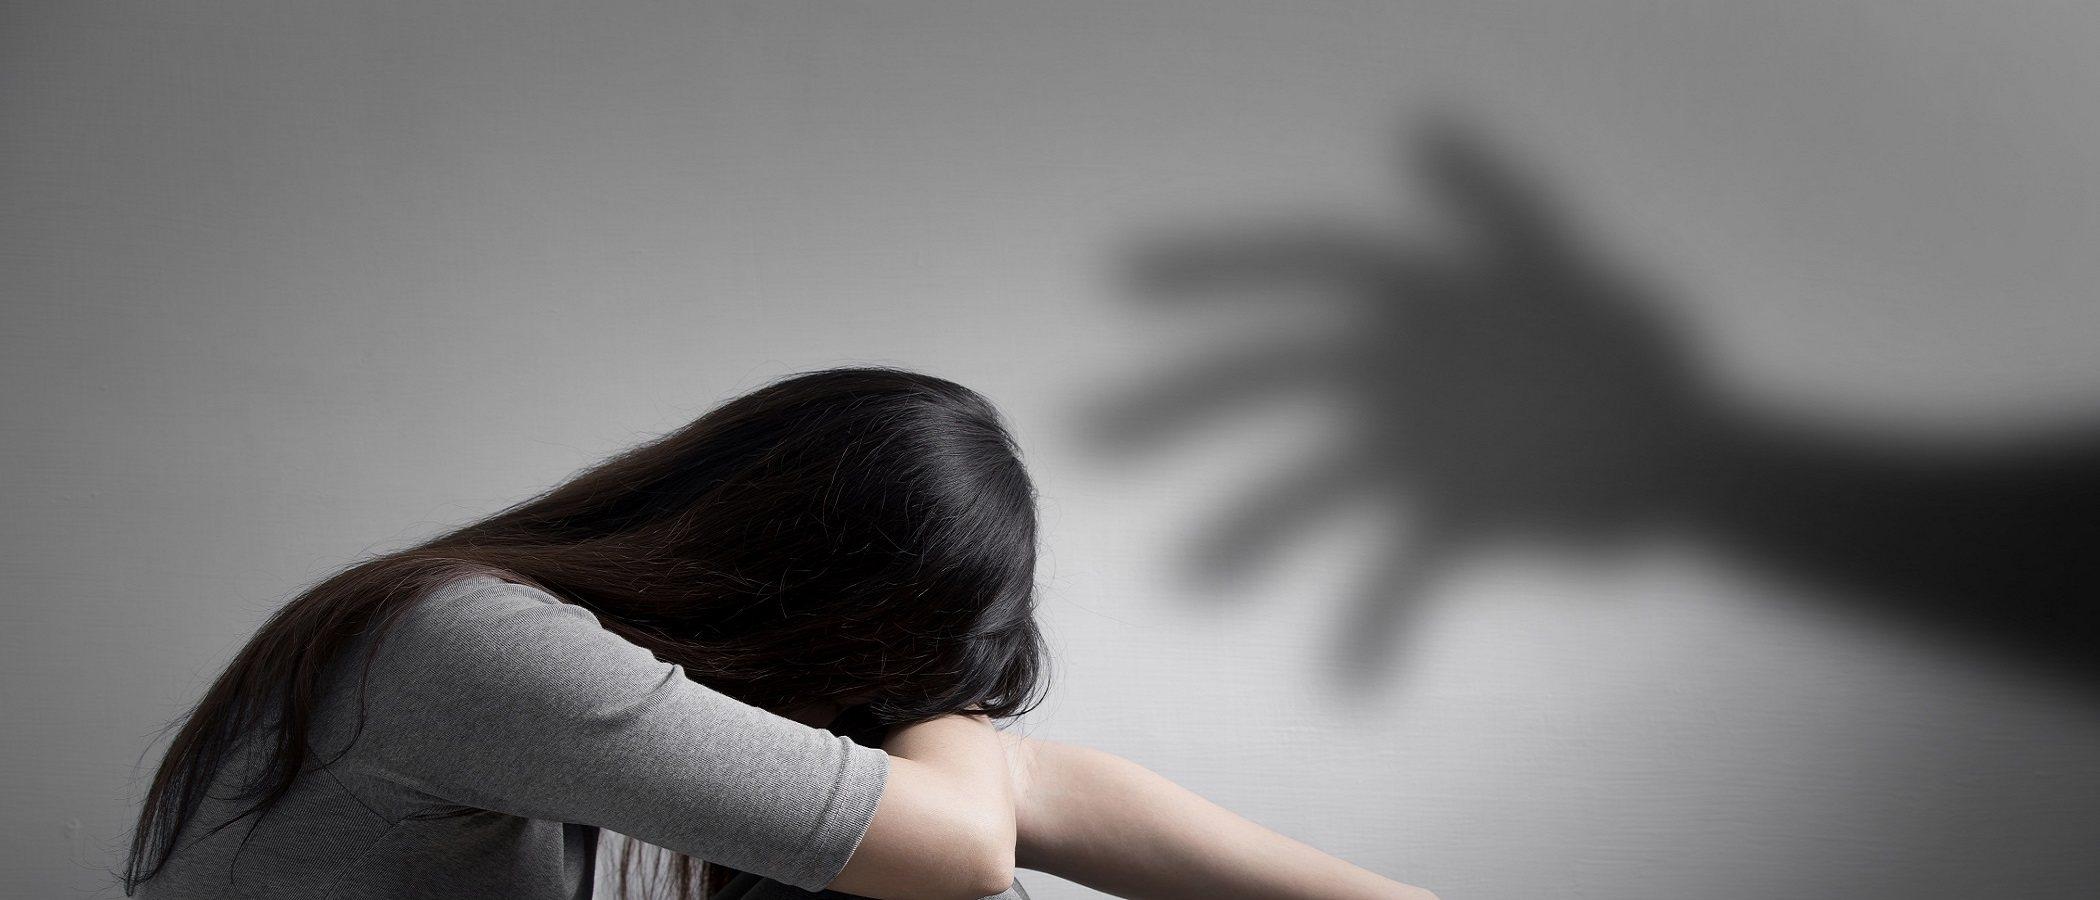 Cómo hablar con los adolescentes sobre acoso sexual